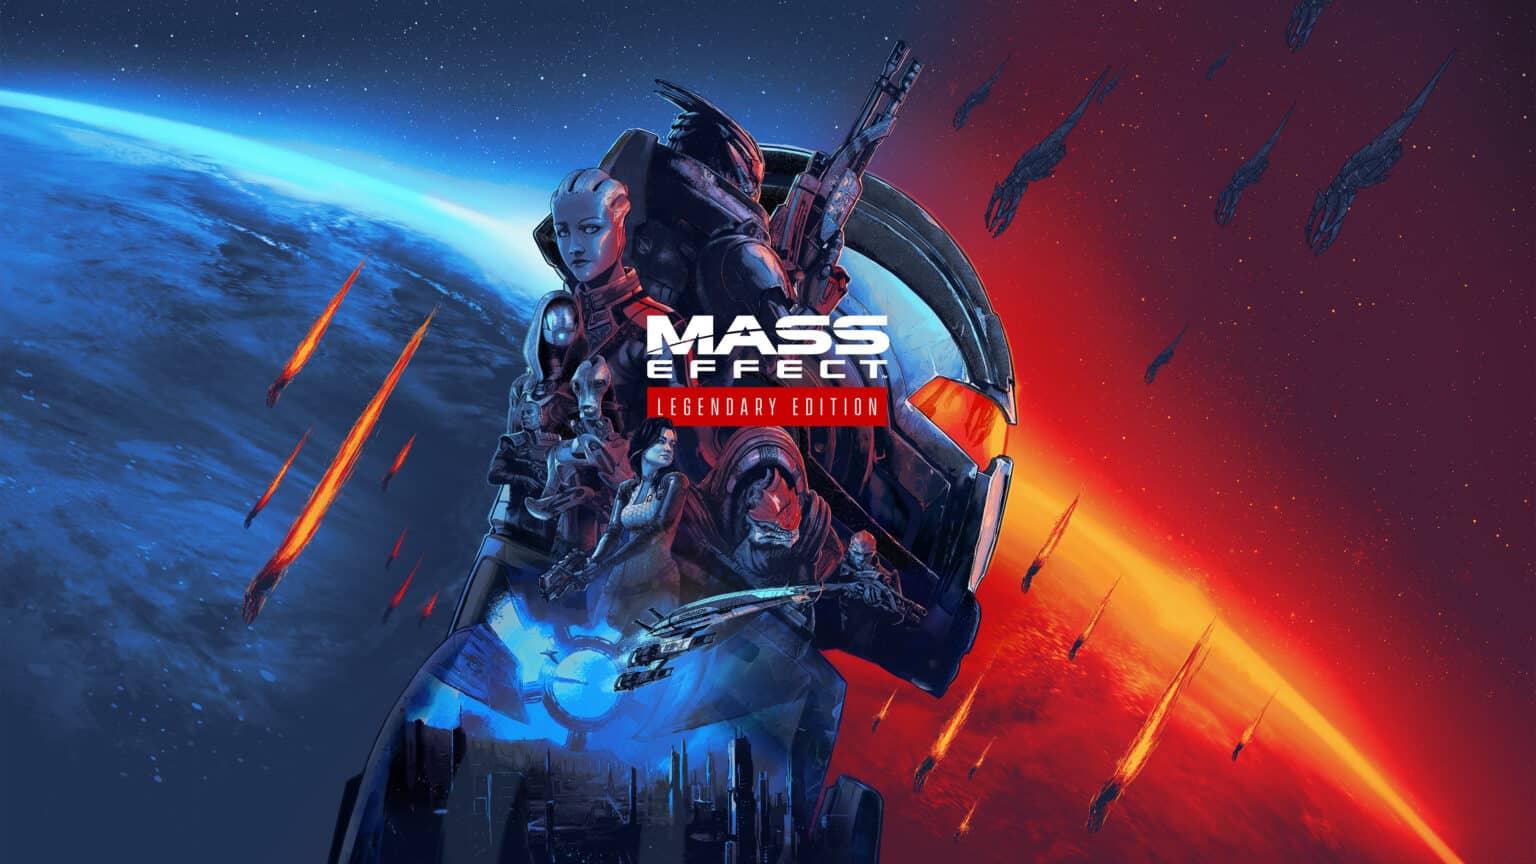 Mass Effect: Legendary Edition BioWare Mass Effect Legendary Edition